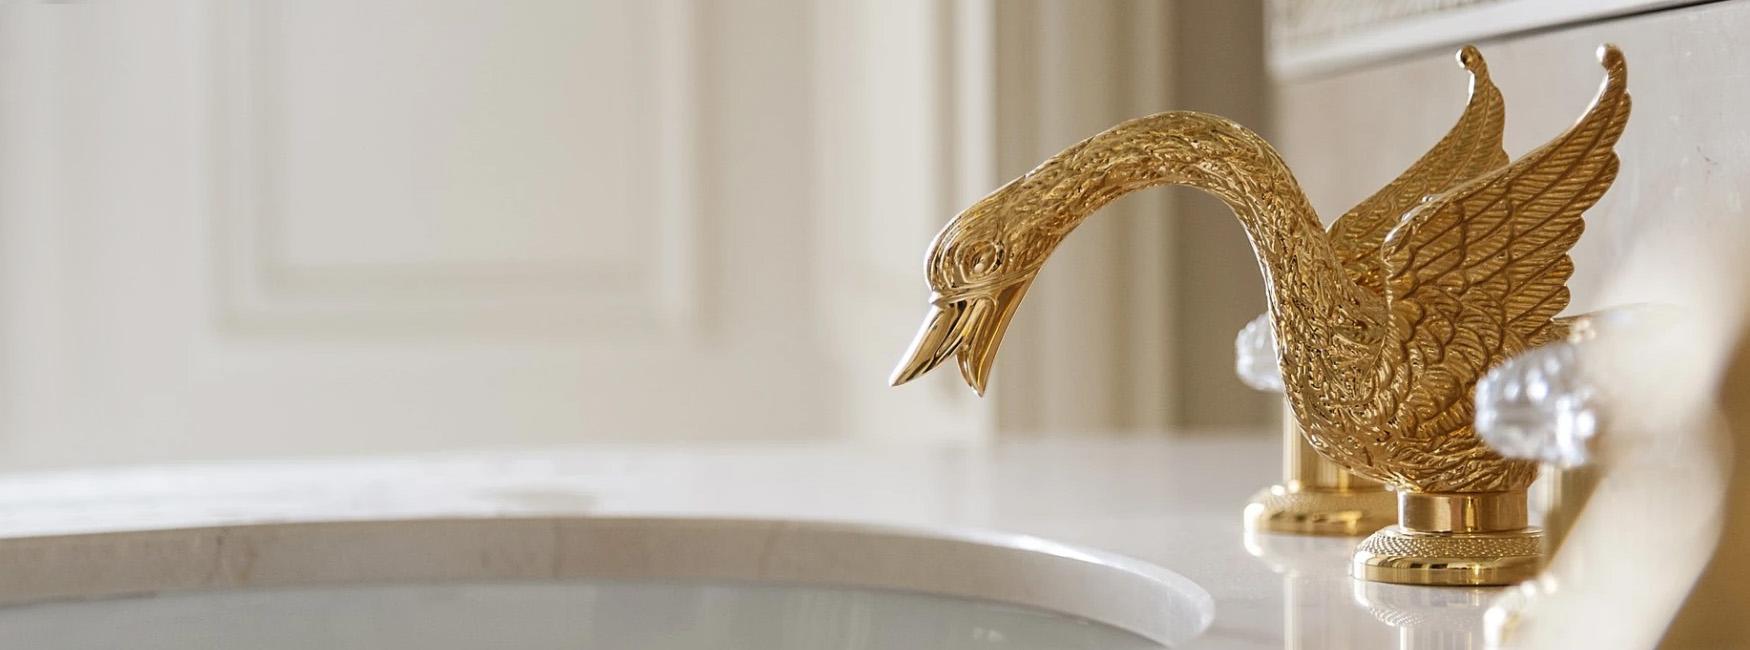 Stella swan bateria zloto luksusowa armatura wloska Ritz